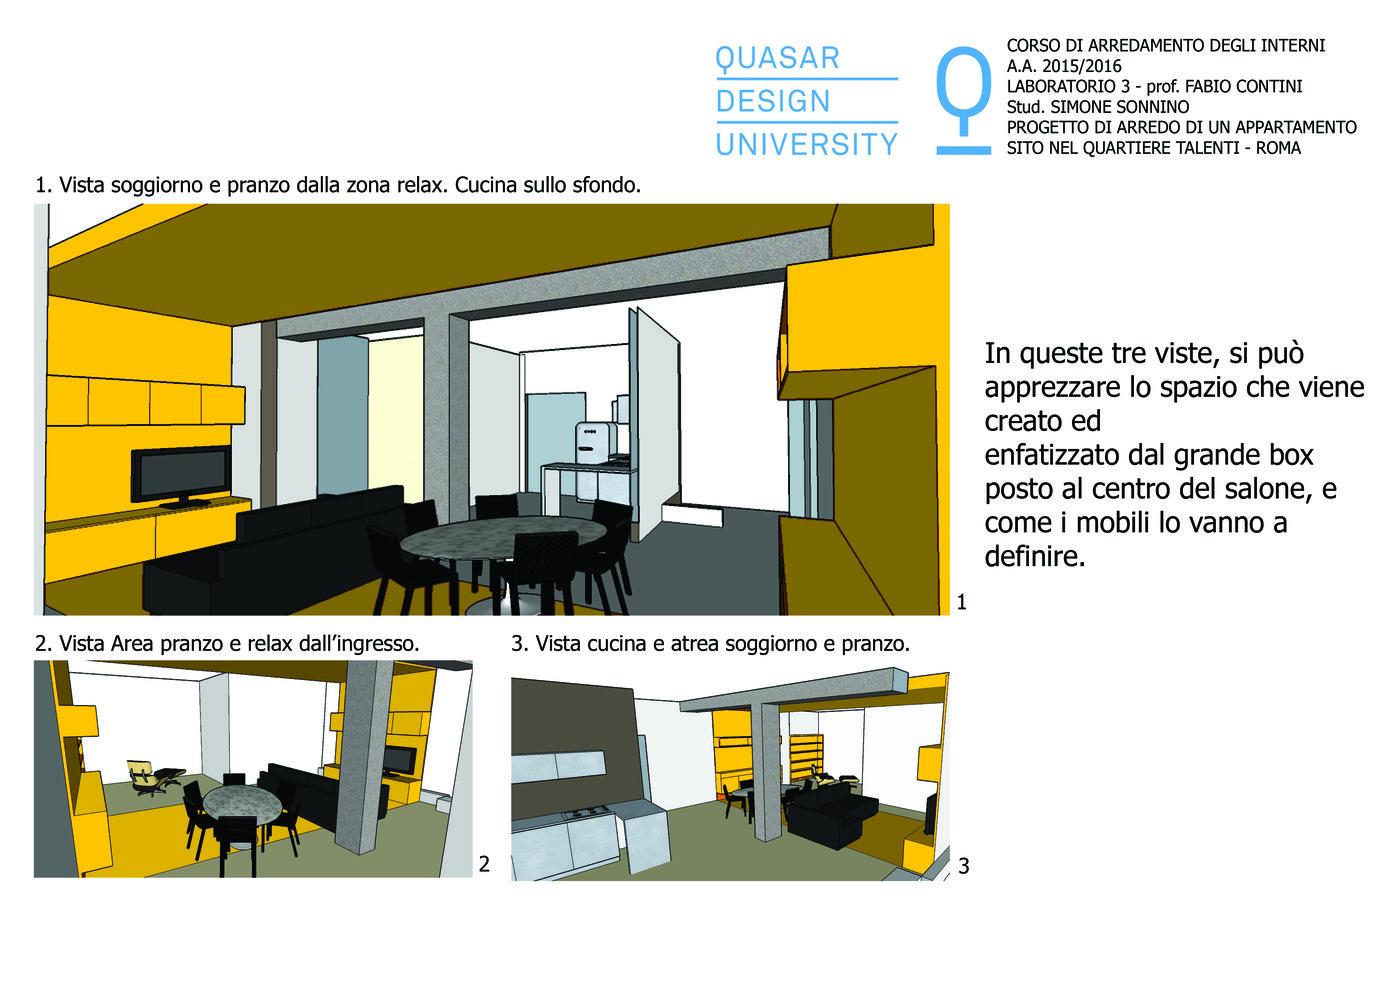 Design Degli Interni Roma apartament in talenti - rome by simone sonnino at coroflot